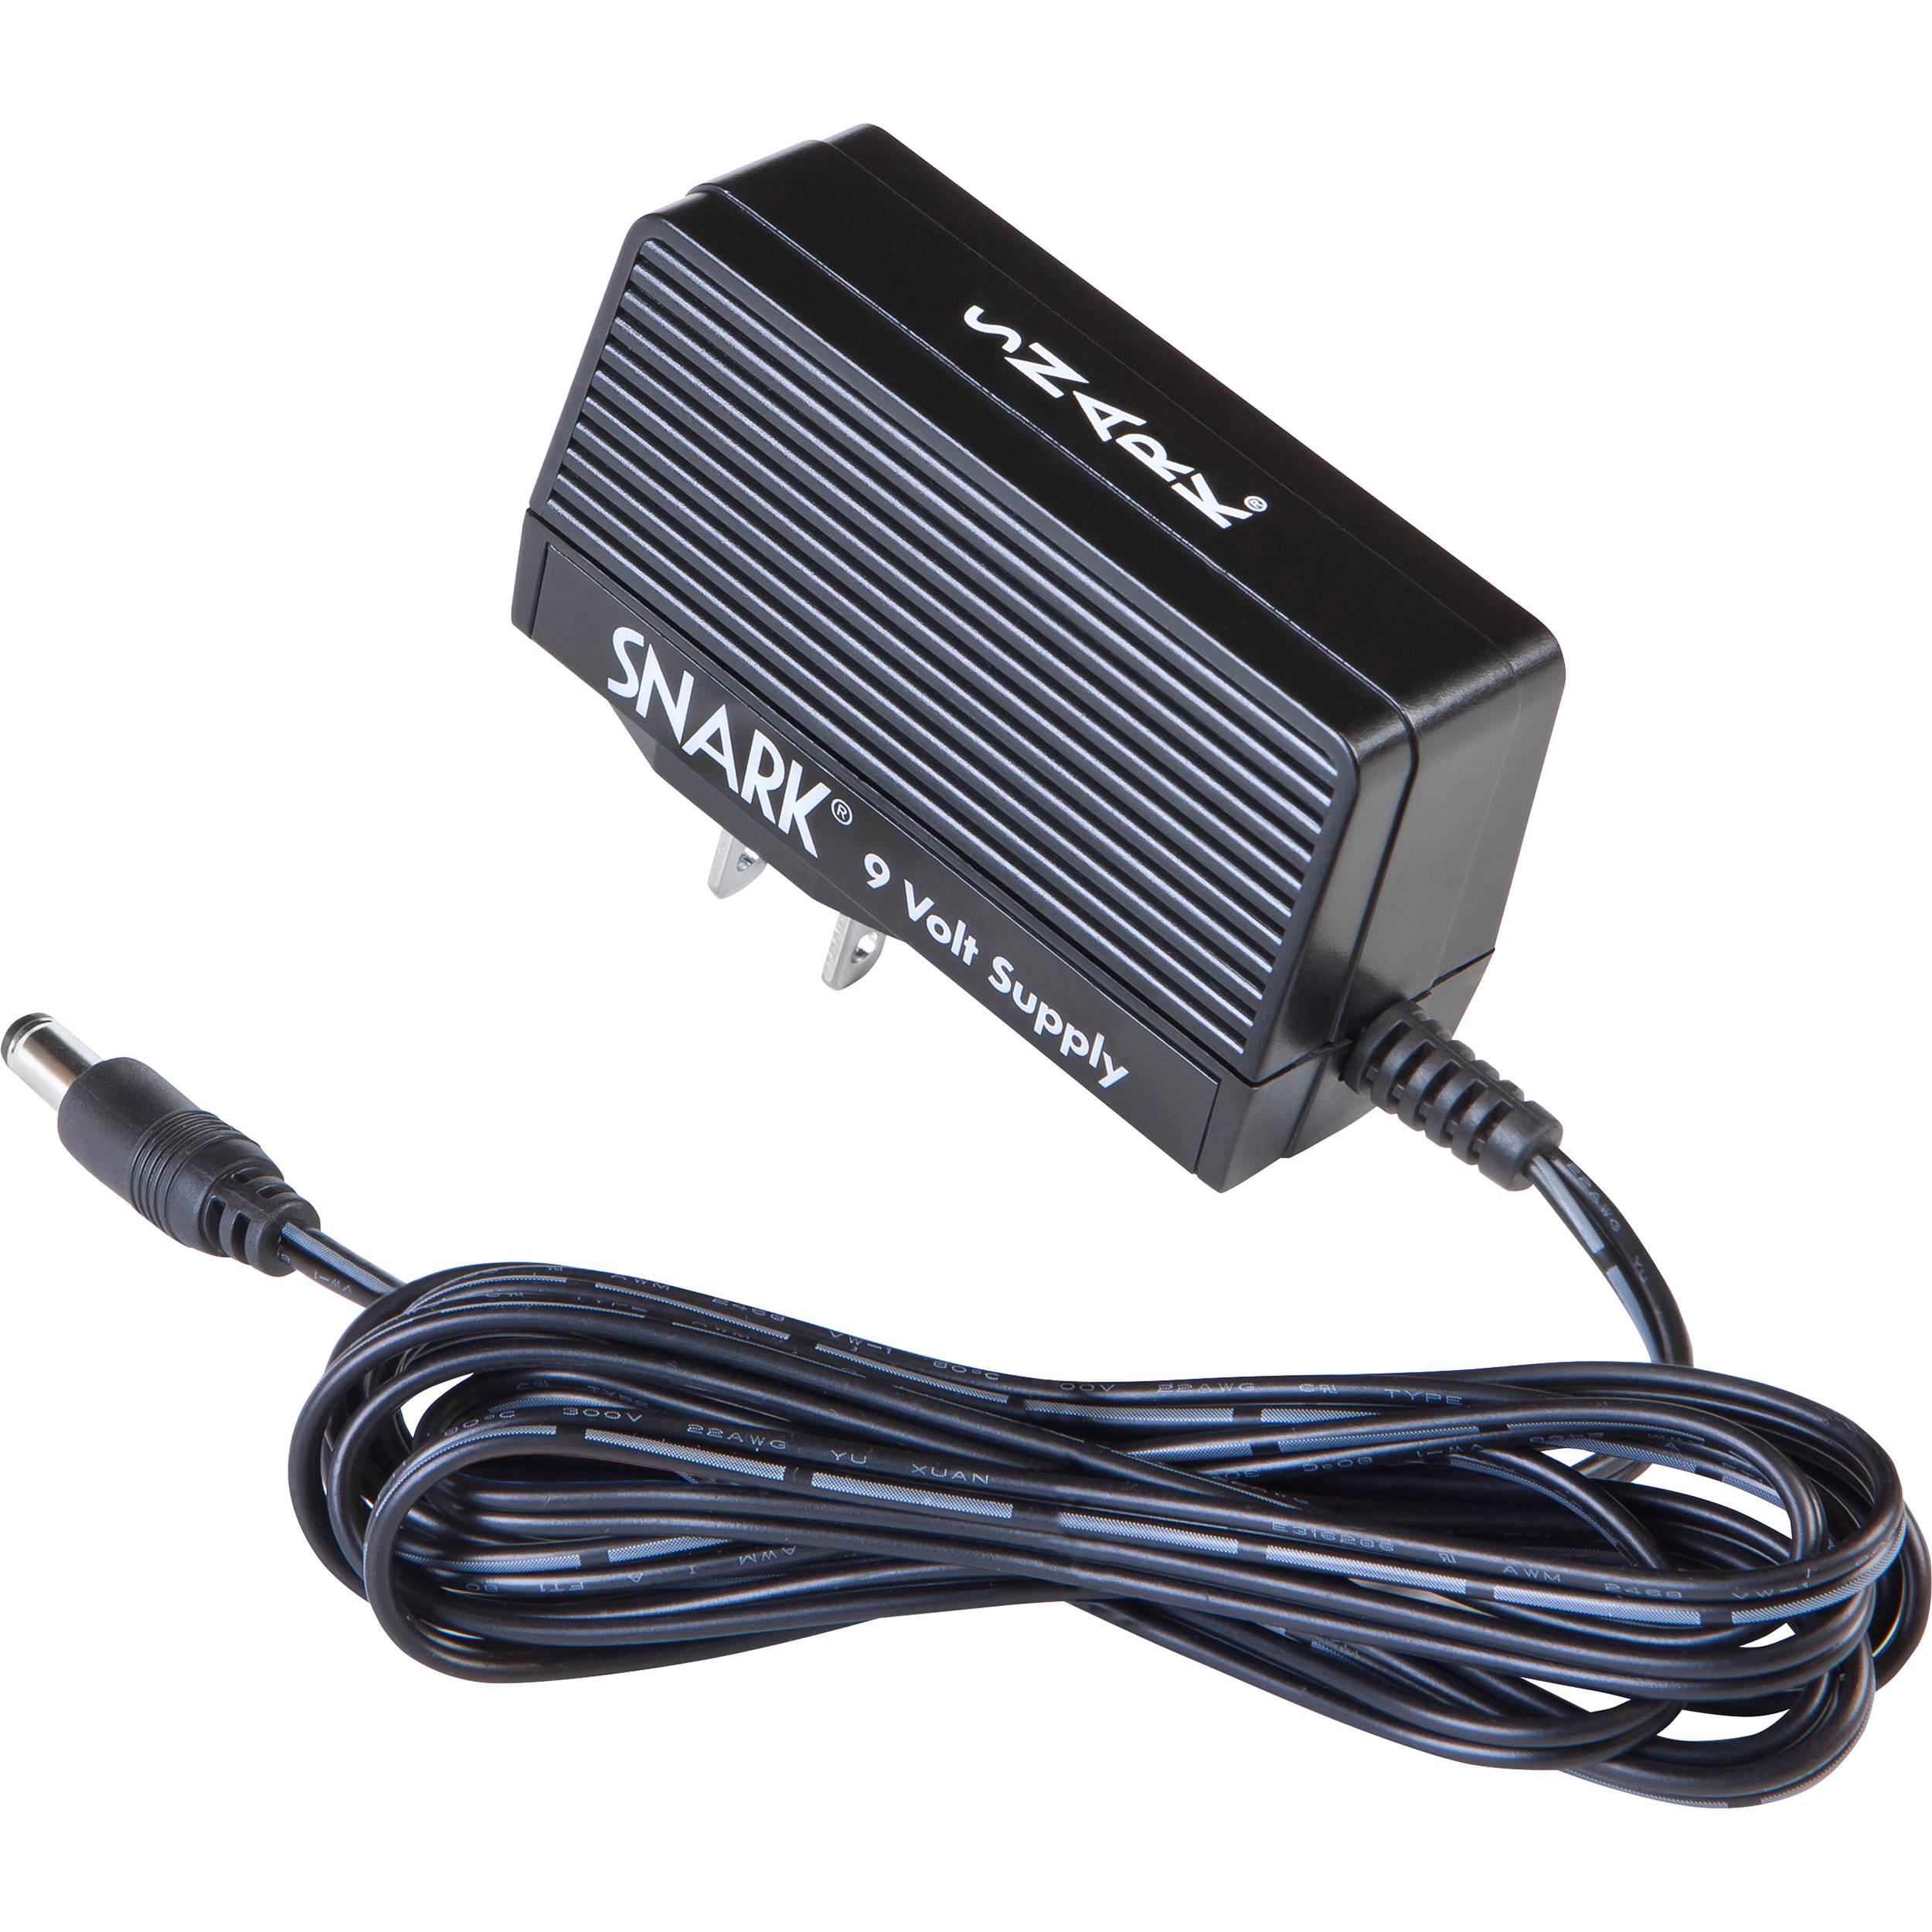 Snark SA-1 9-Volt Power Supply